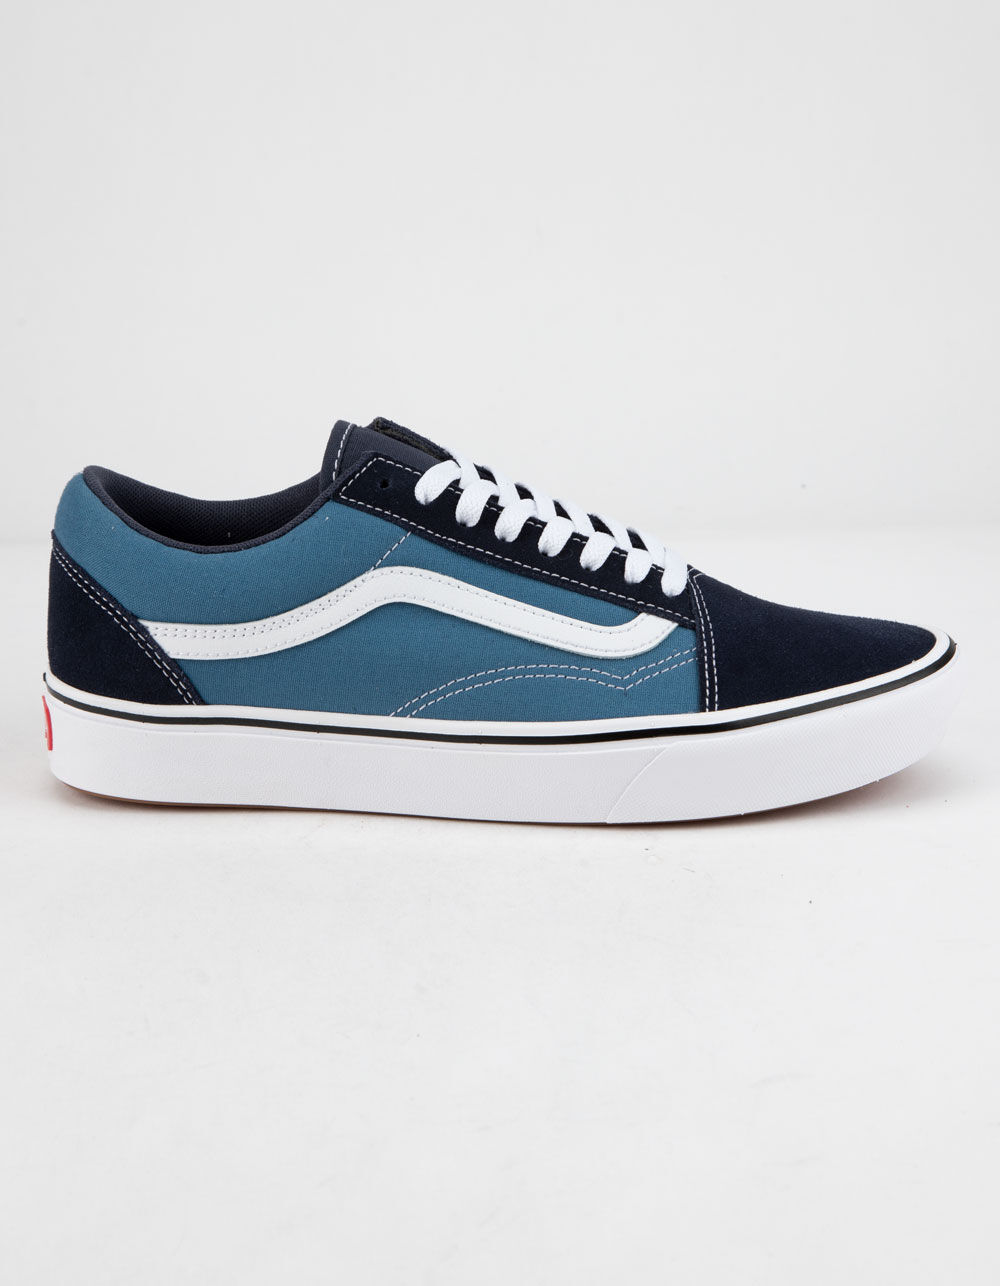 VANS ComfyCush Old Skool Navy Shoes